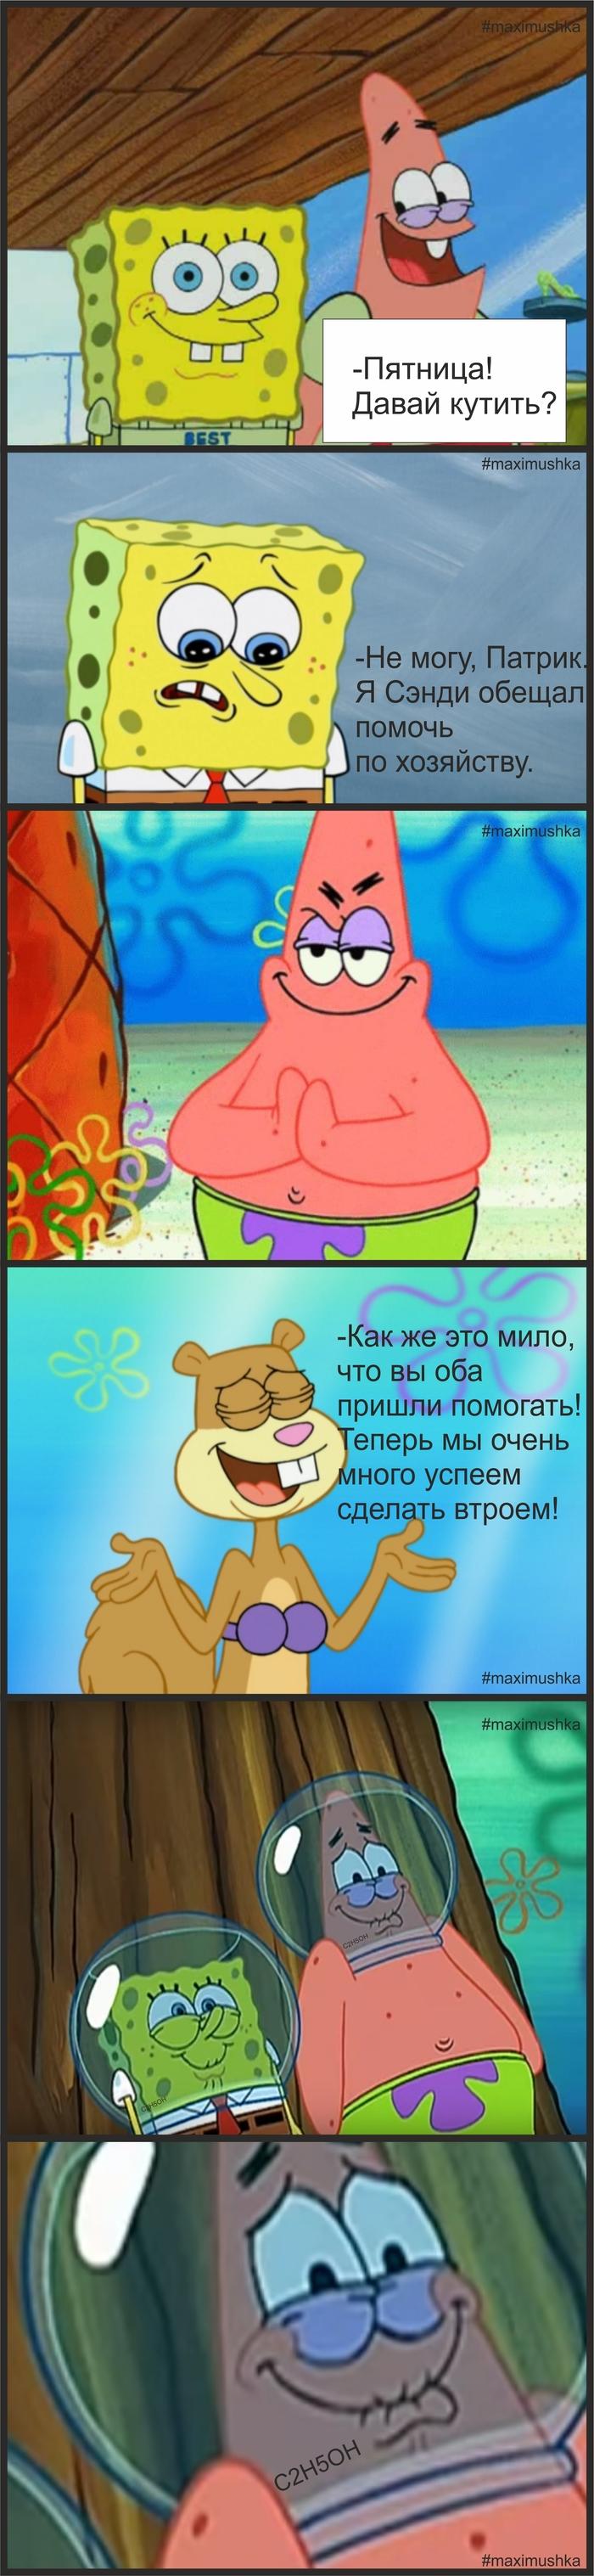 Пятничное Спанч Боб, Пародия, Длиннопост